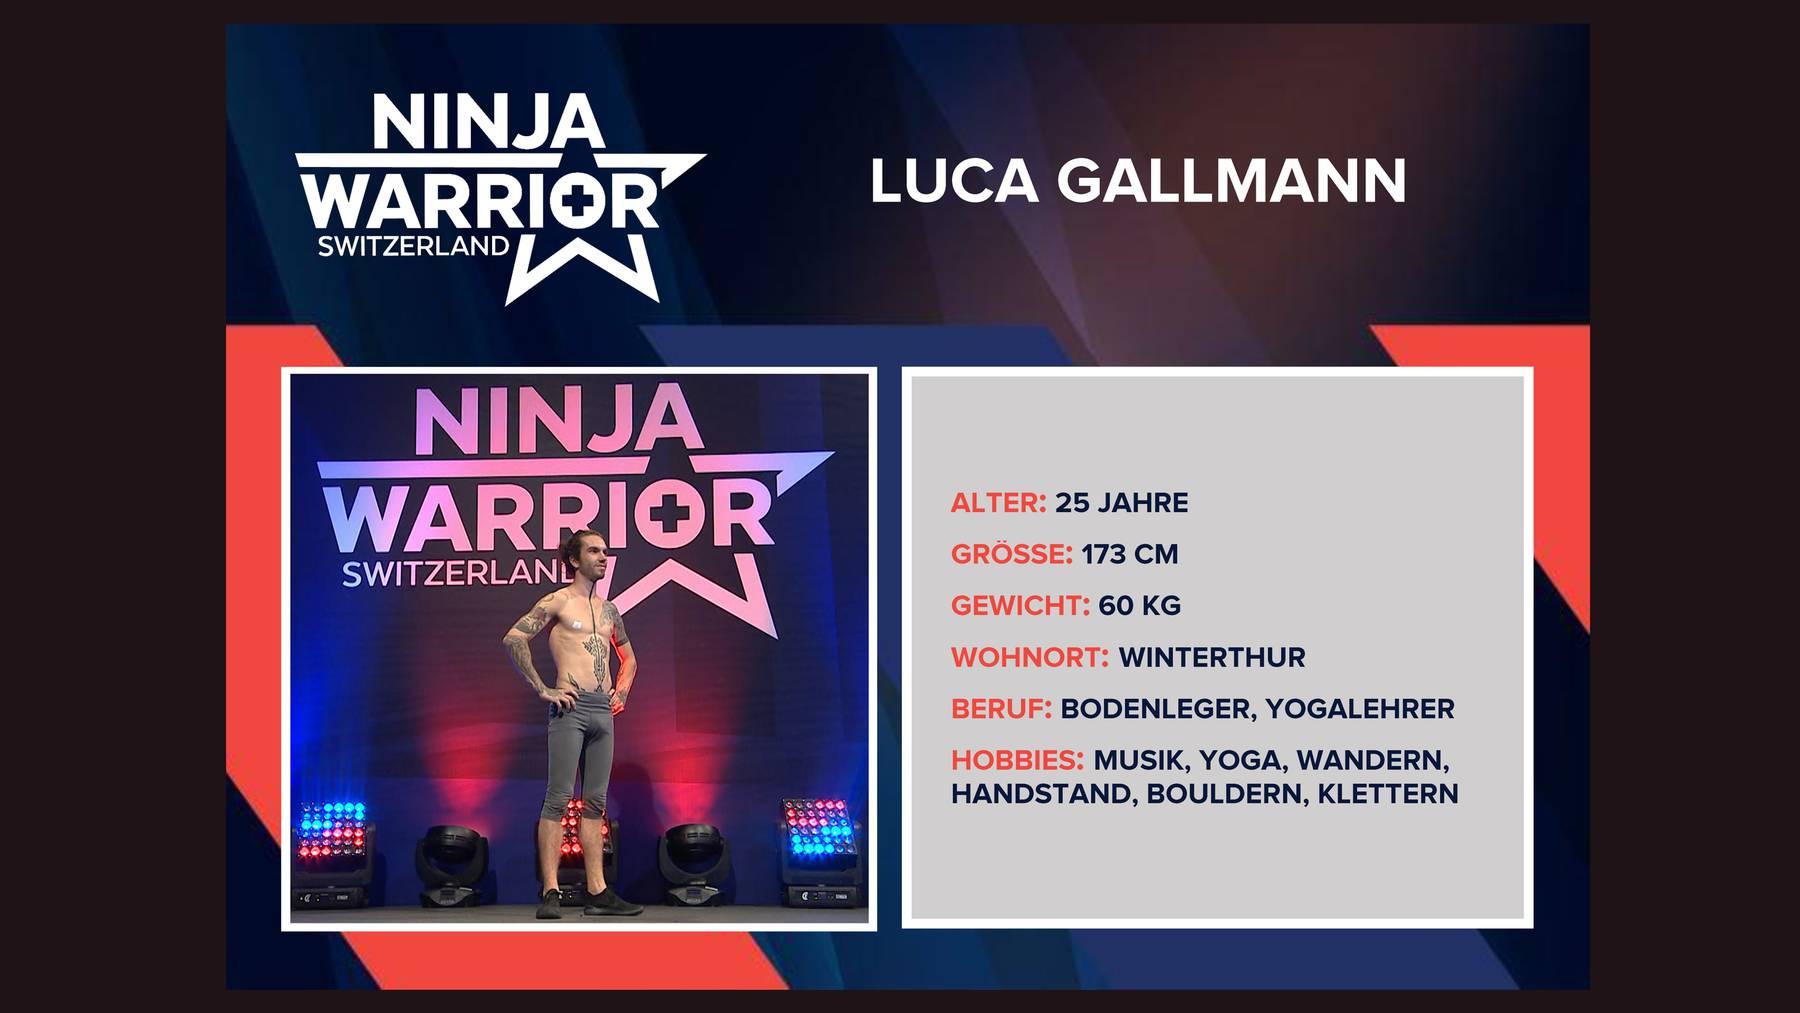 Luca Gallmann